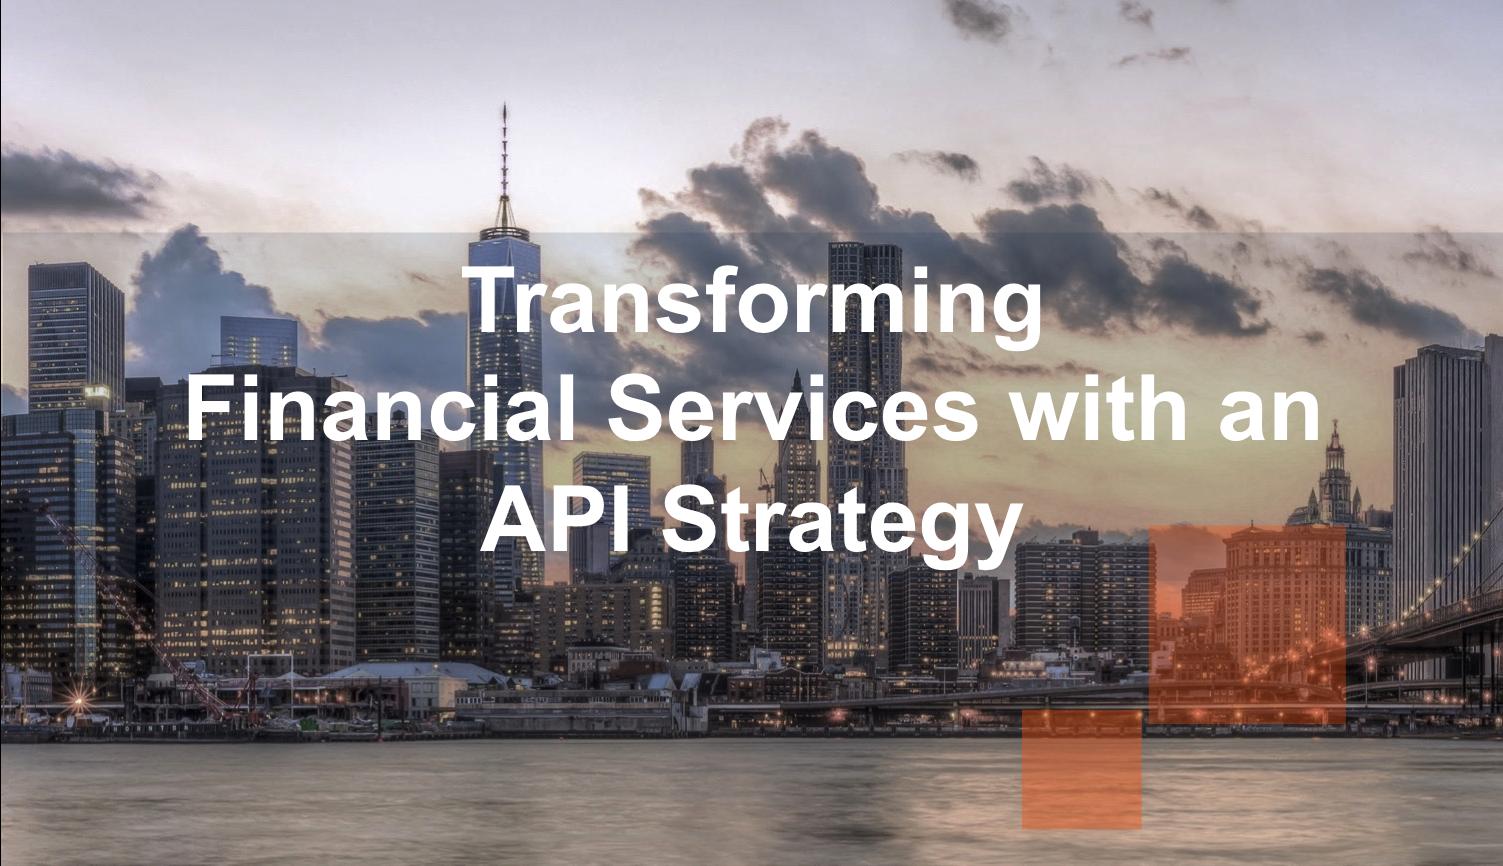 TransformingFinancialServicesAPI-1.png